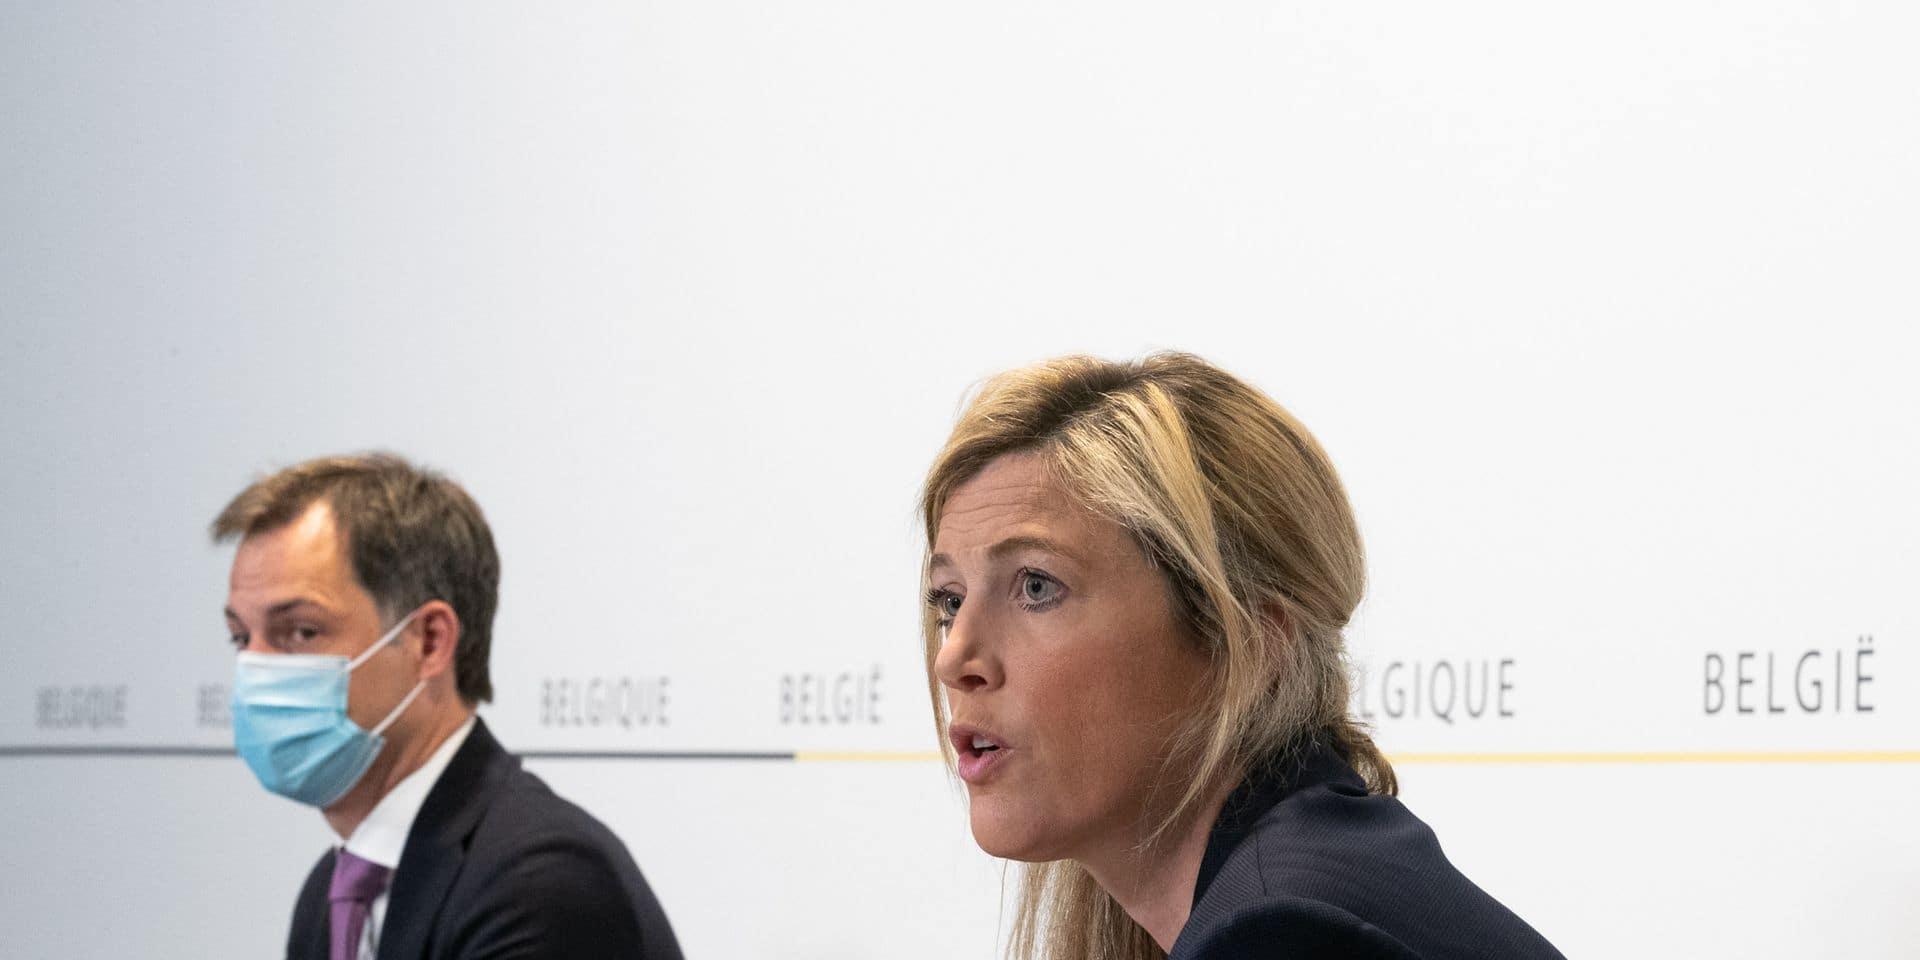 """Alexander De Croo et Annelies Verlinden appellent à ne pas se rendre à La Boum 2: """"Ne tombez pas dans ce piège"""""""